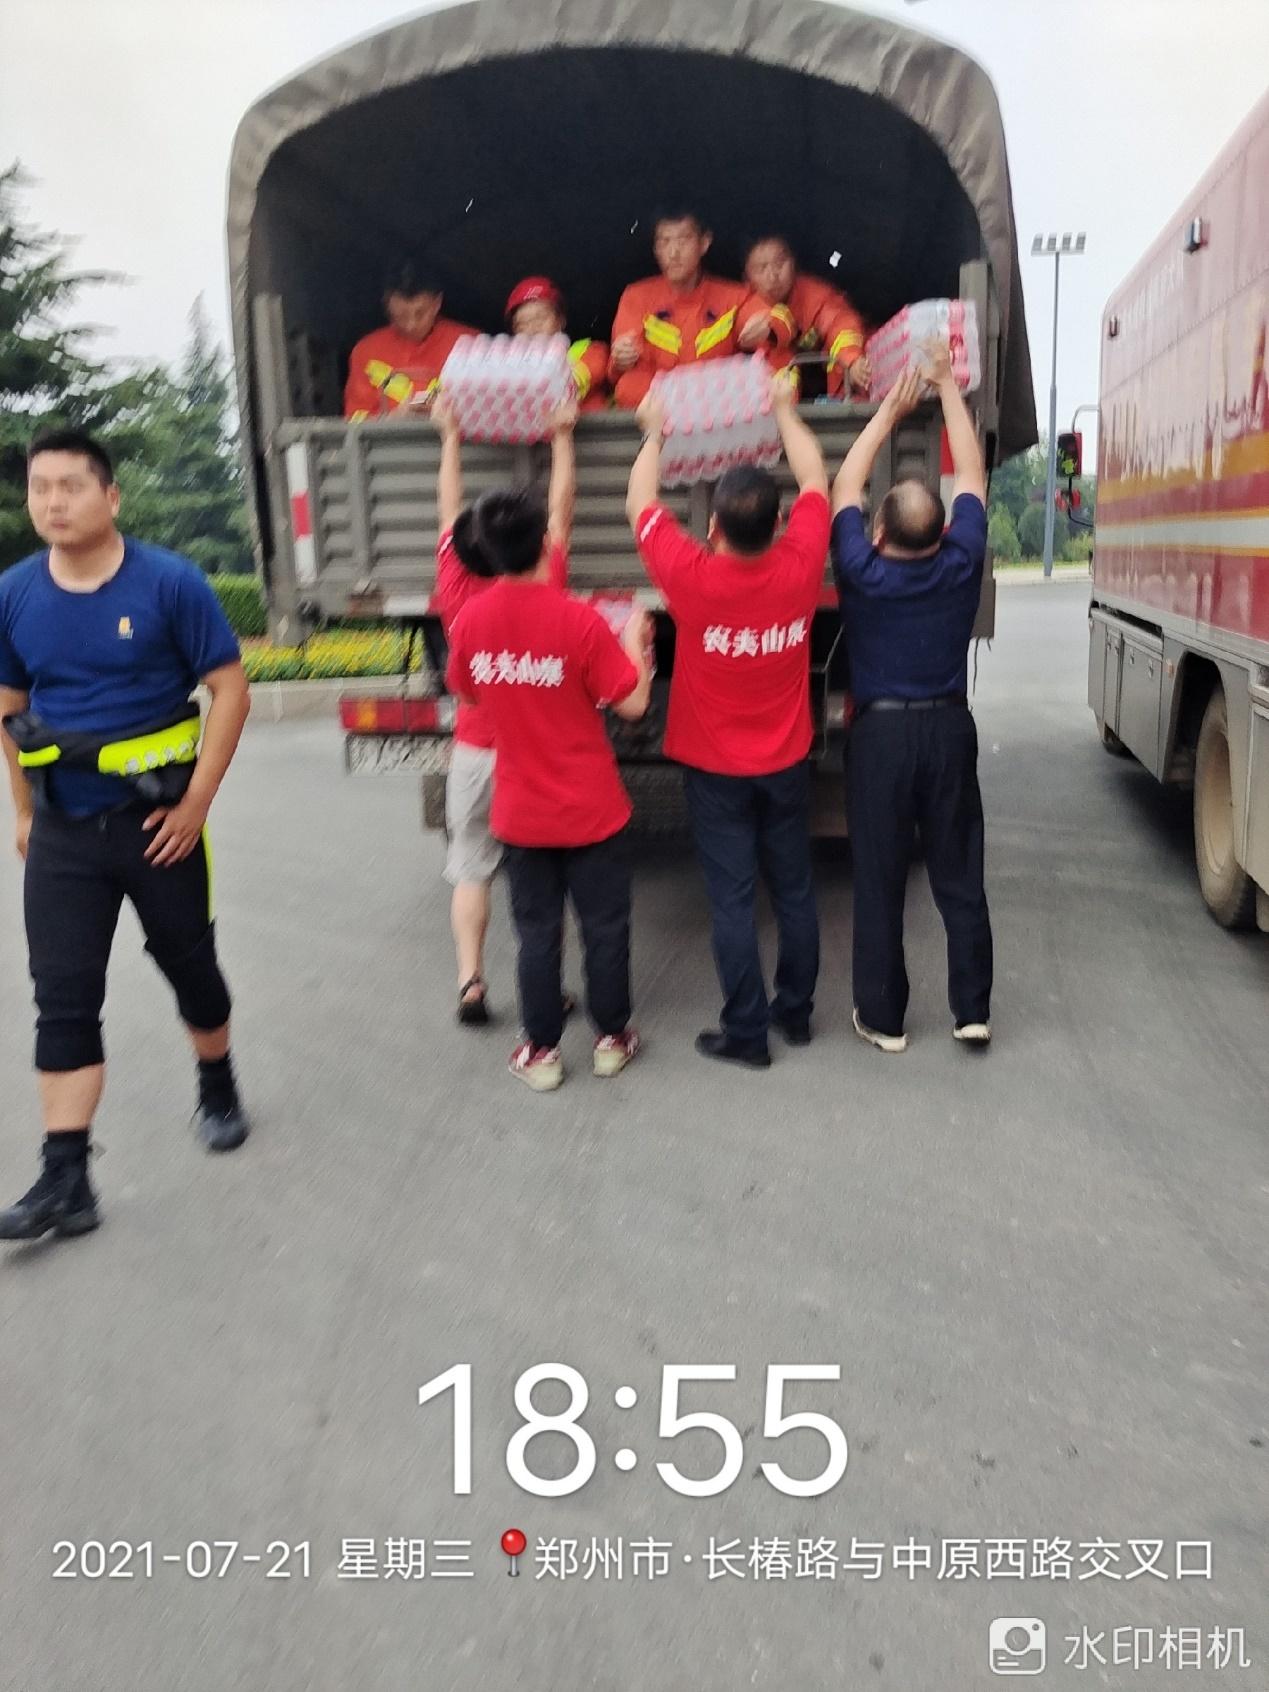 18:55,郑州,长椿路与中原西路交叉口,农夫山泉给参加救援的消防战士送水